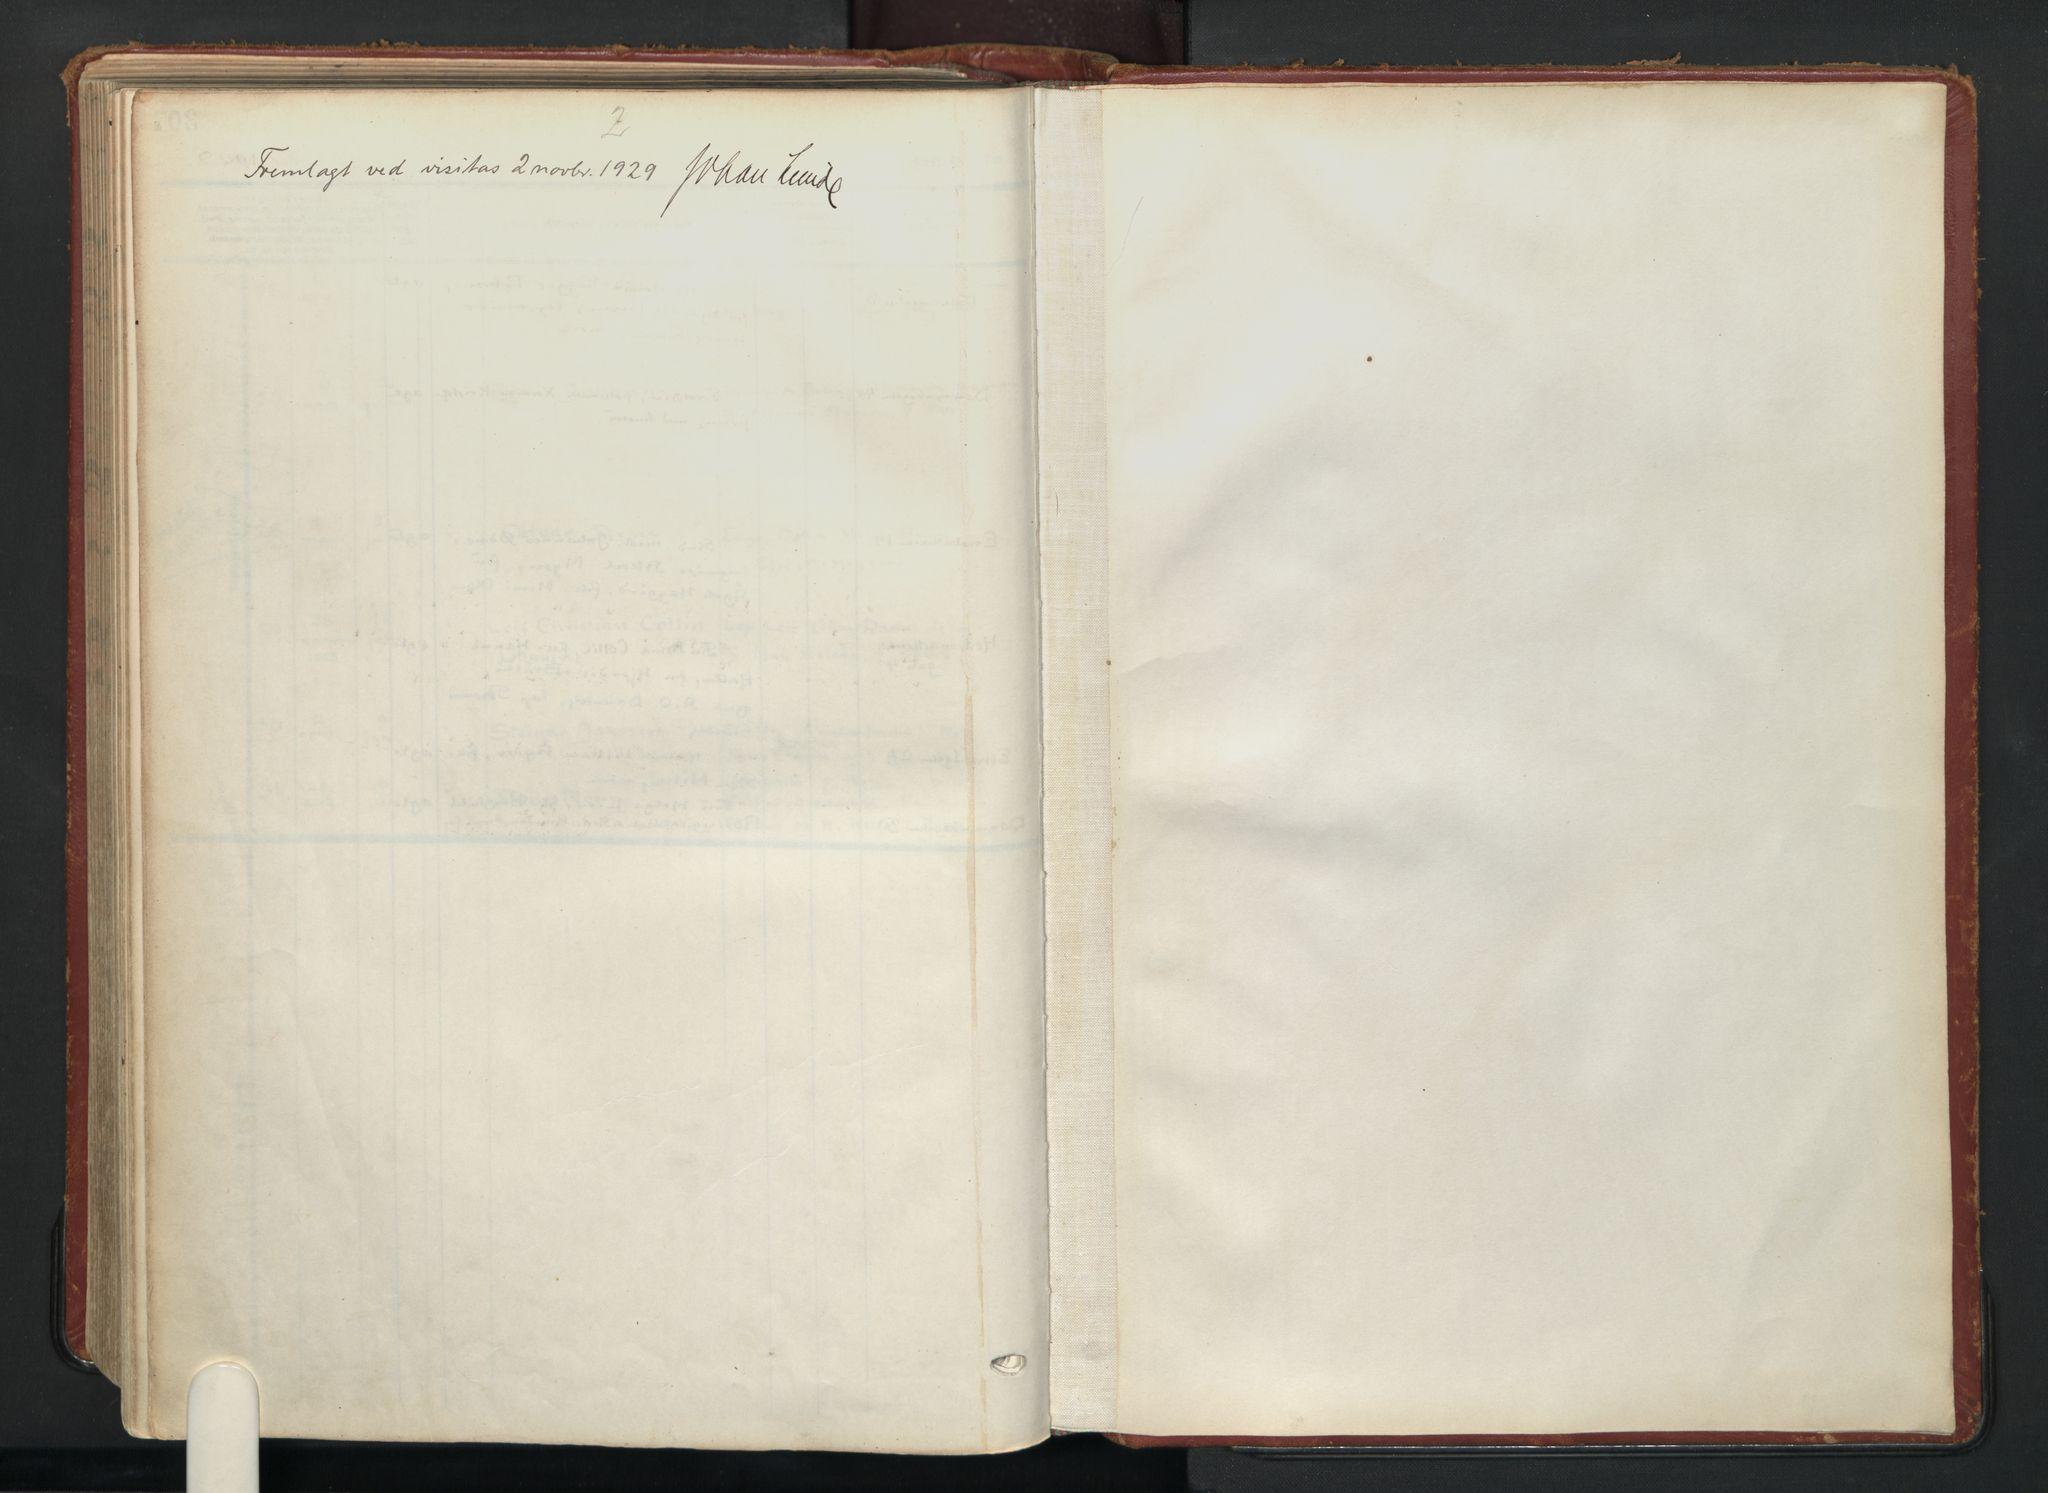 SAO, Vålerengen prestekontor Kirkebøker, F/Fa/L0004: Ministerialbok nr. 4, 1915-1929